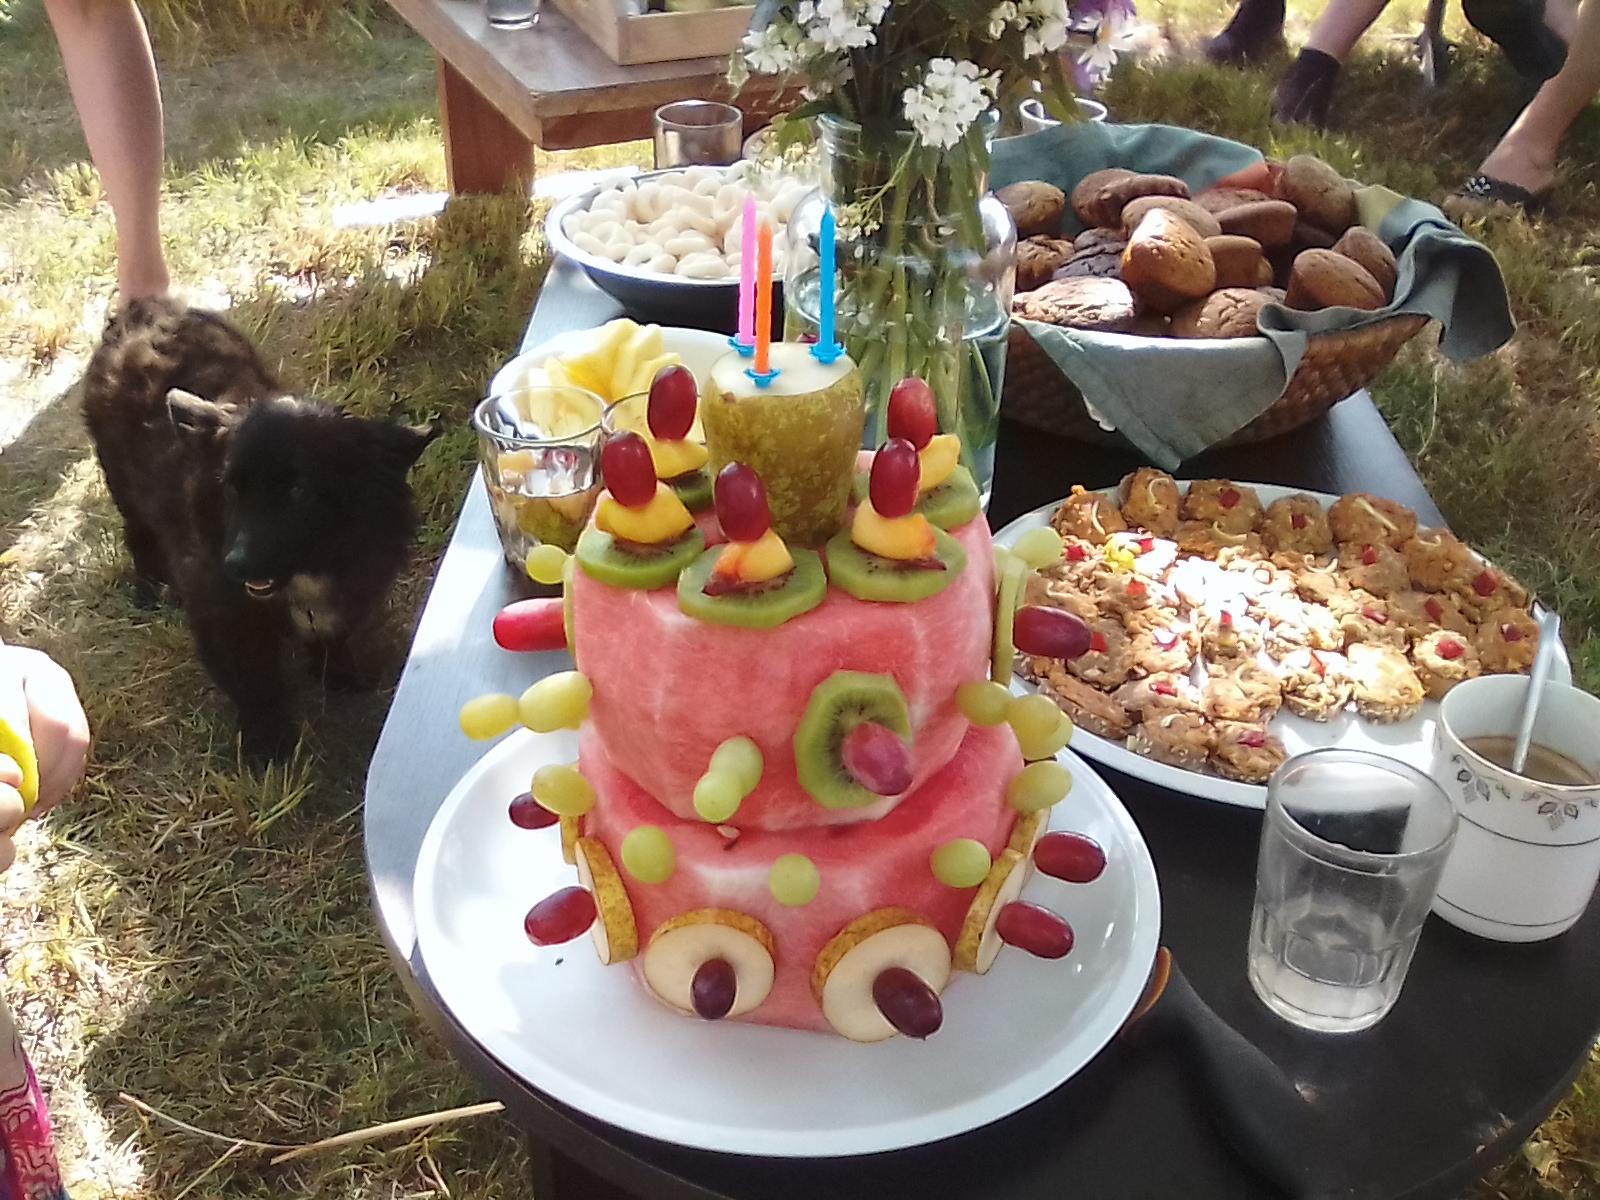 Melounový dort na zahradní party s dětmi